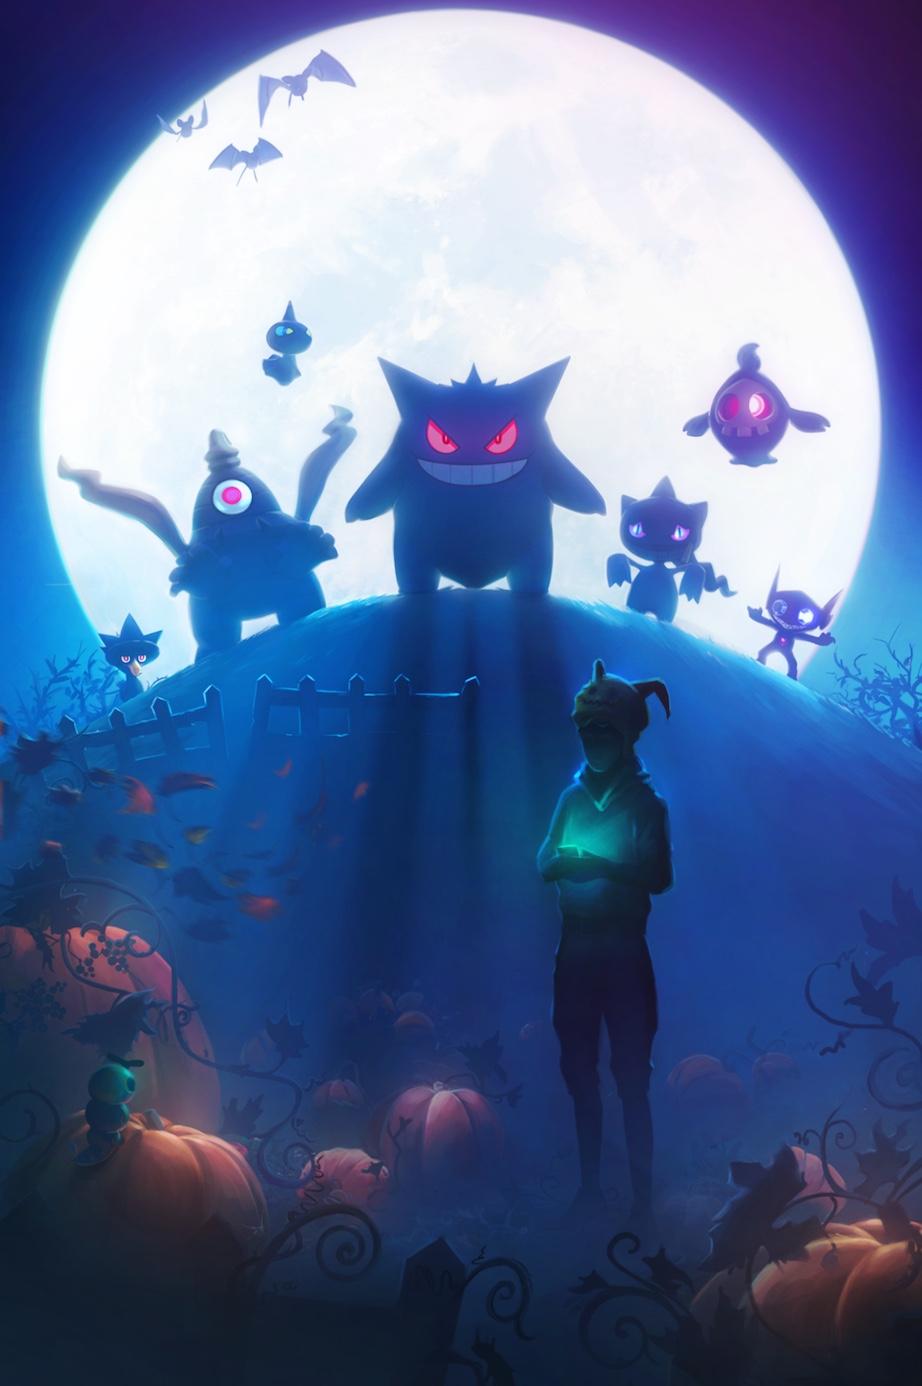 Imagem vazada de Pokémon GO